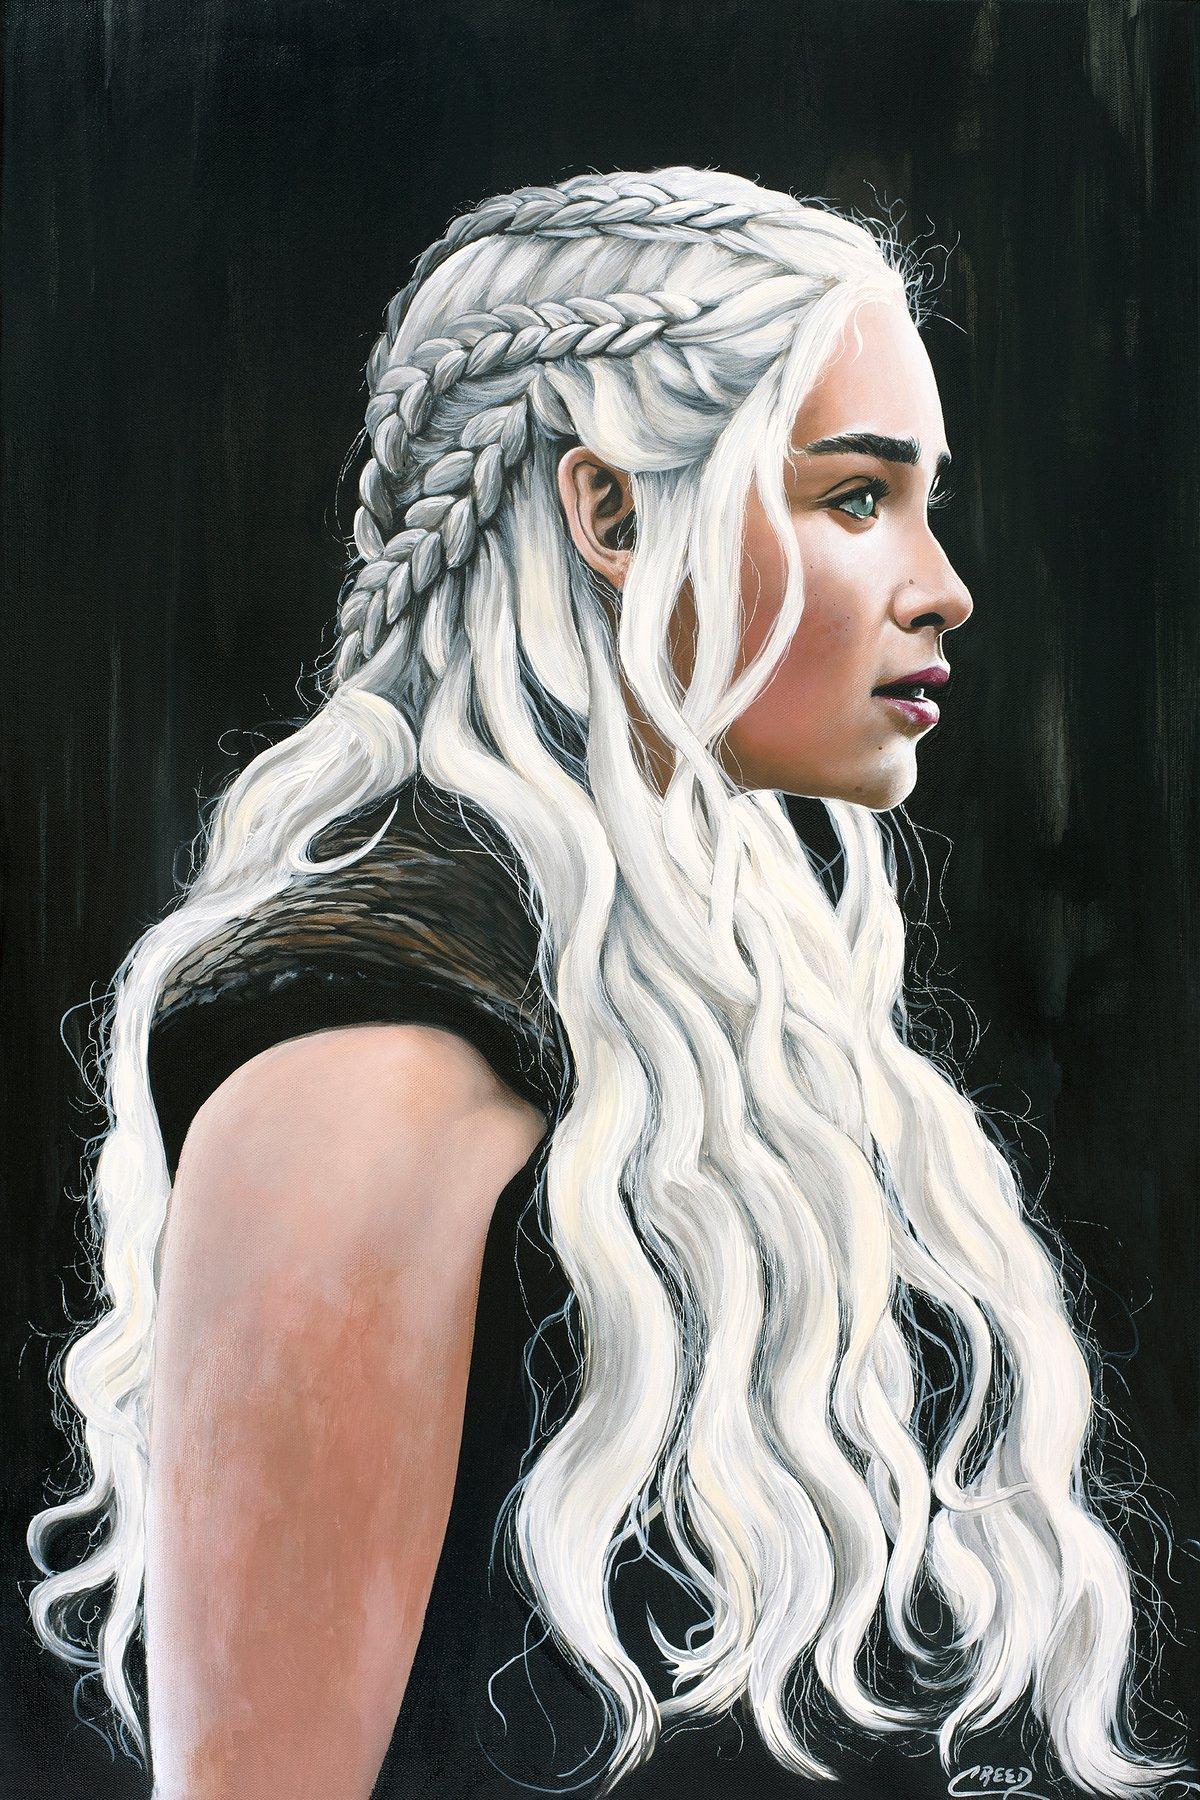 Image of Game of Thrones ~ Daenarey Targaryen (aka) Mother of Dragons